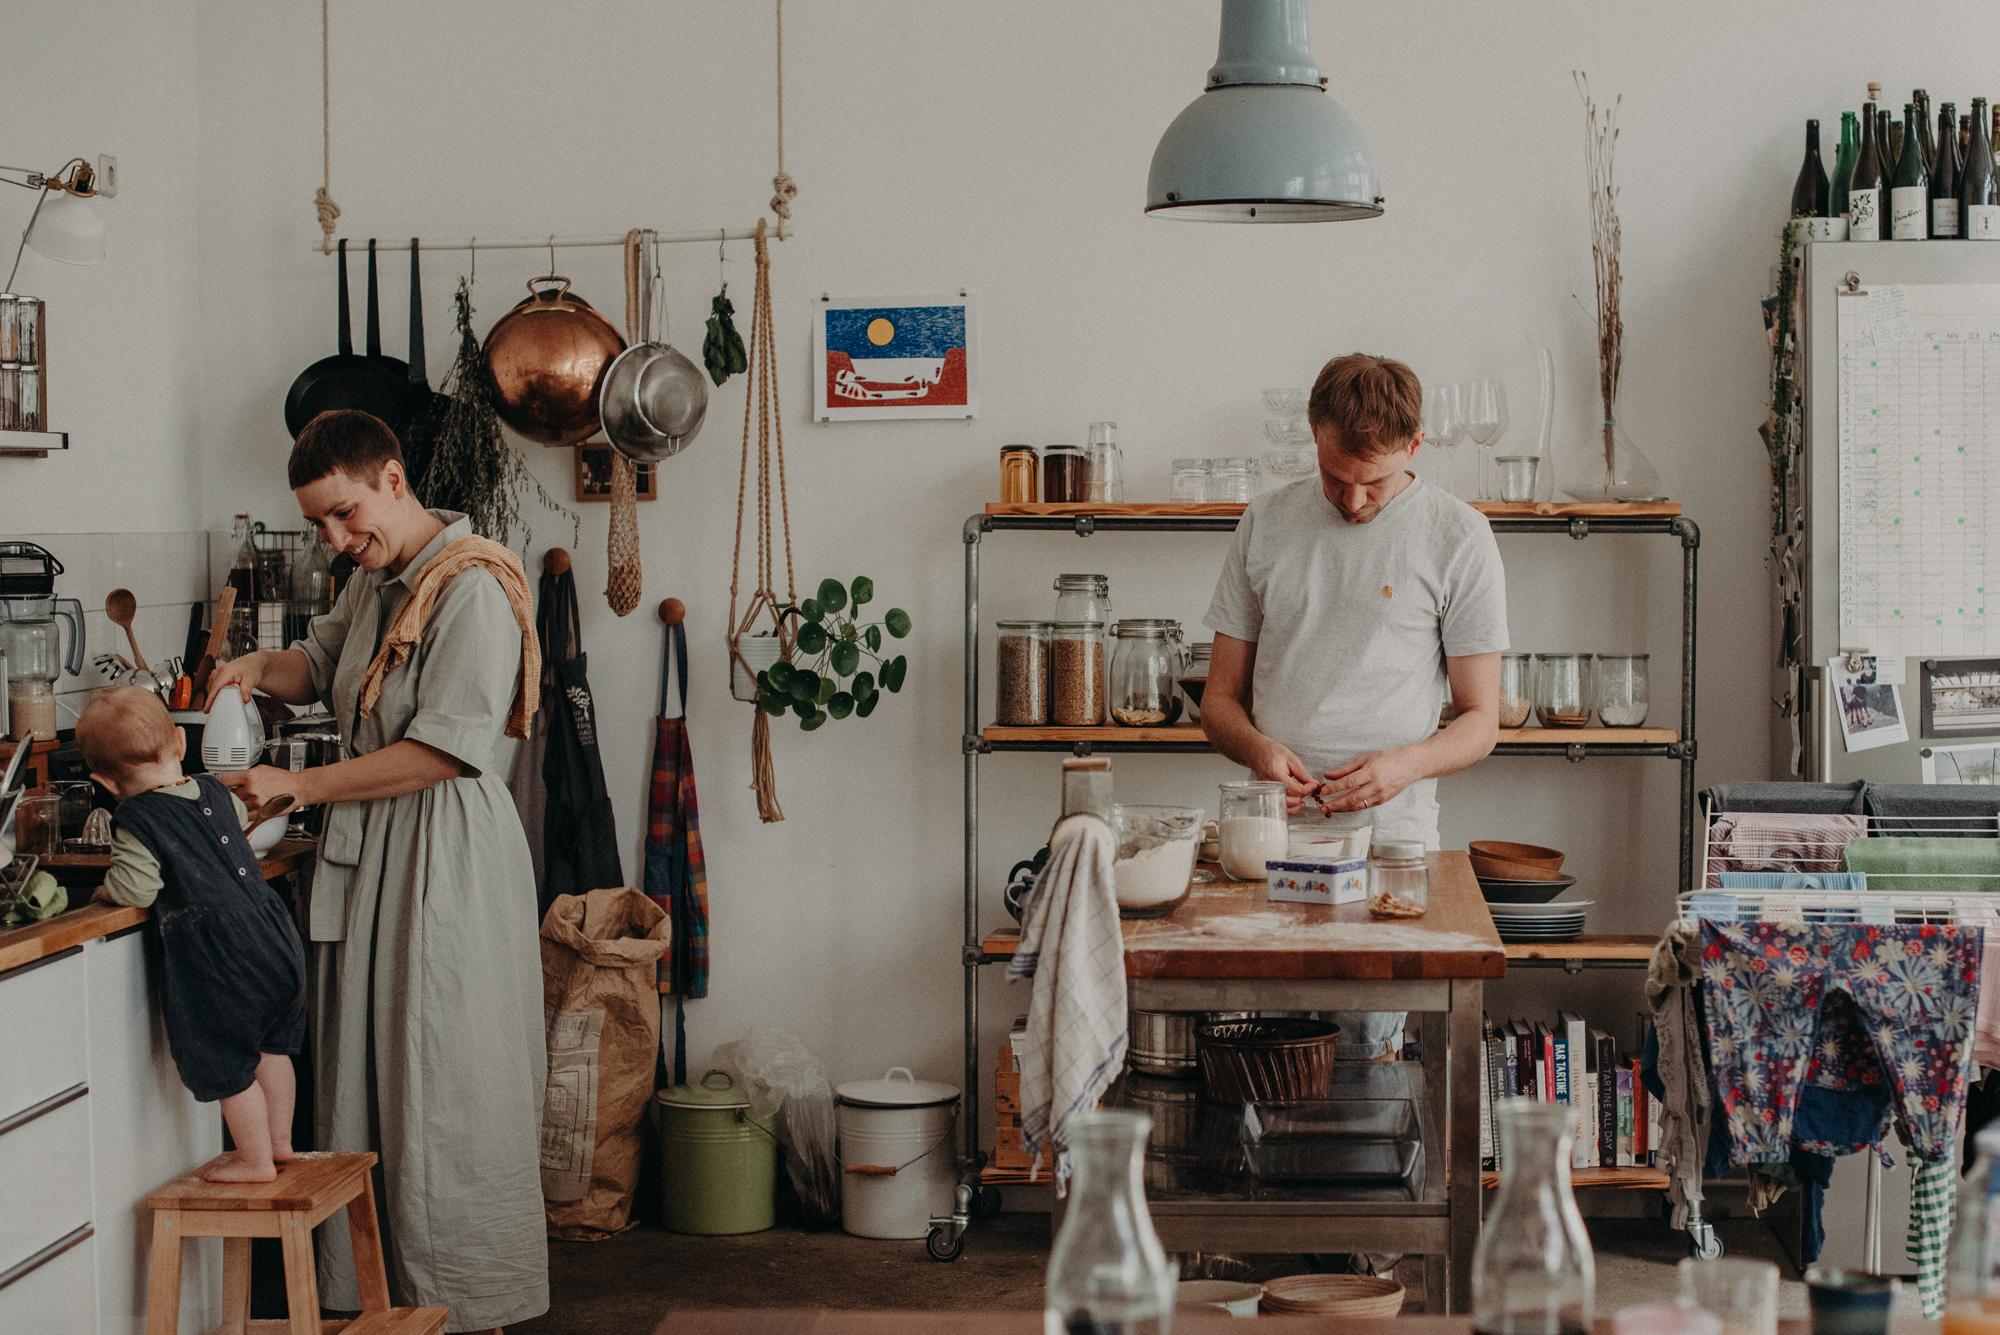 Natürliche Familienfotos Zuhause in der Küche beim Backen, Fotograf in Basel